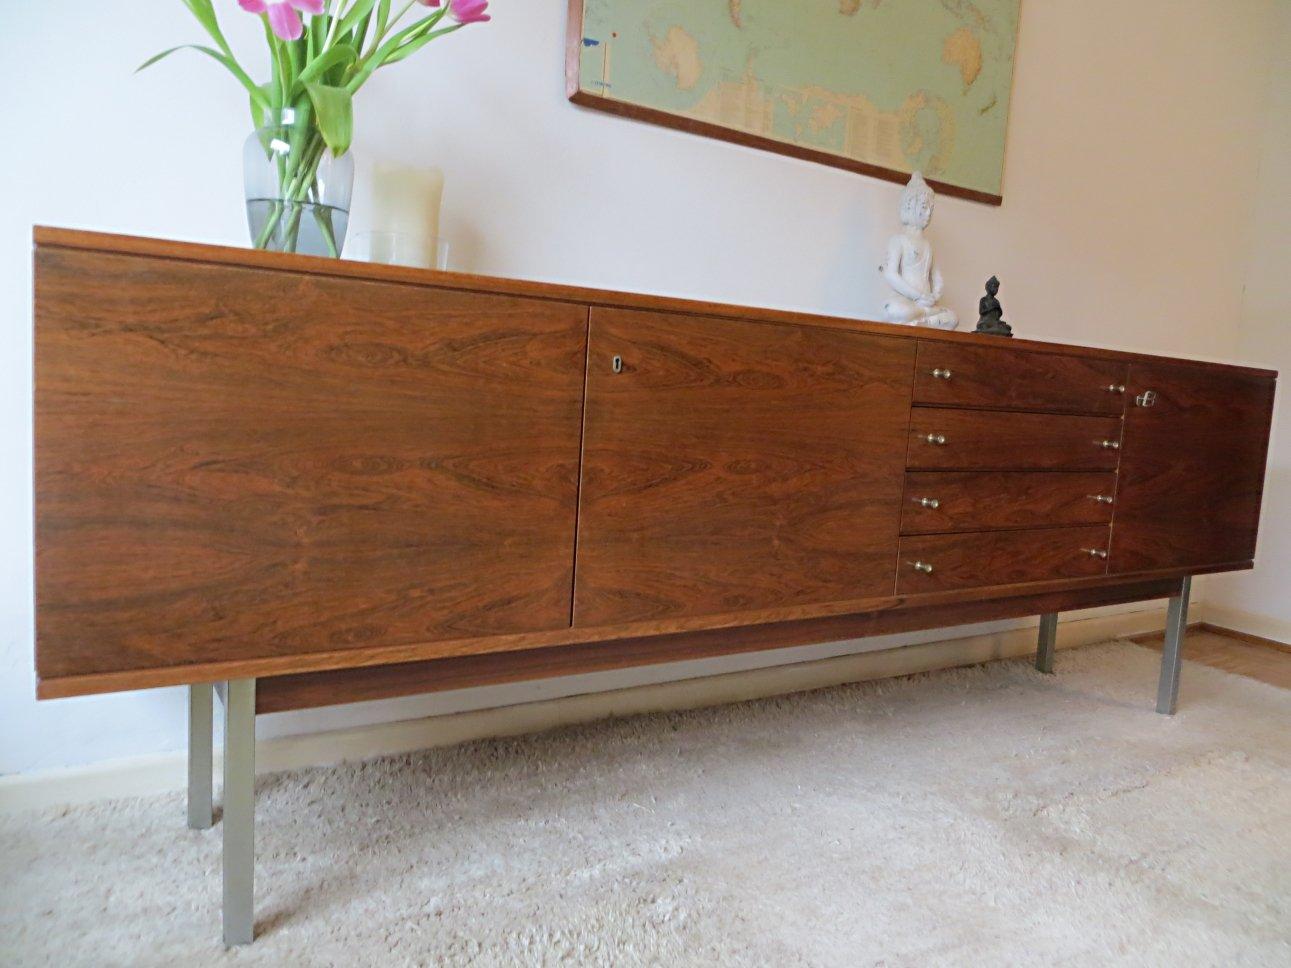 palisander furnier sideboard von bartels werke bei pamono. Black Bedroom Furniture Sets. Home Design Ideas